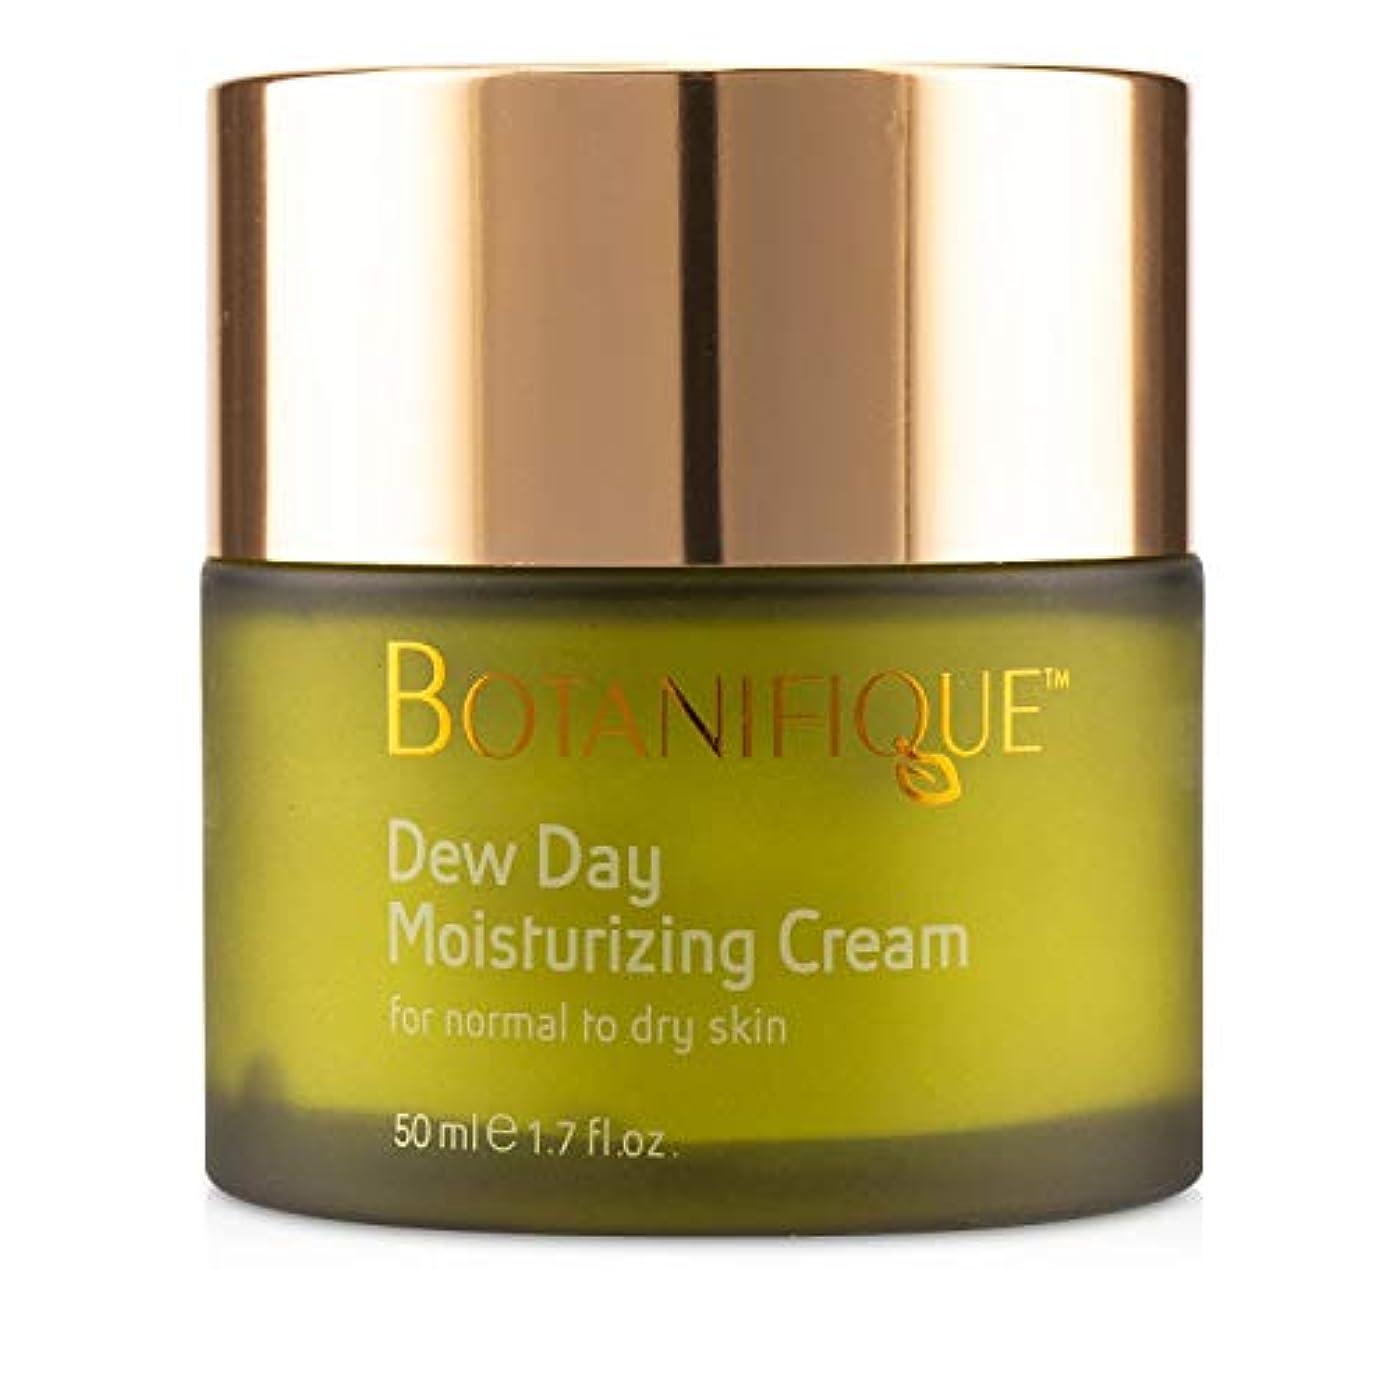 に同意する険しい救援Botanifique Dew Day Moisturizing Cream - For Normal to Dry Skin 50ml/1.7oz並行輸入品